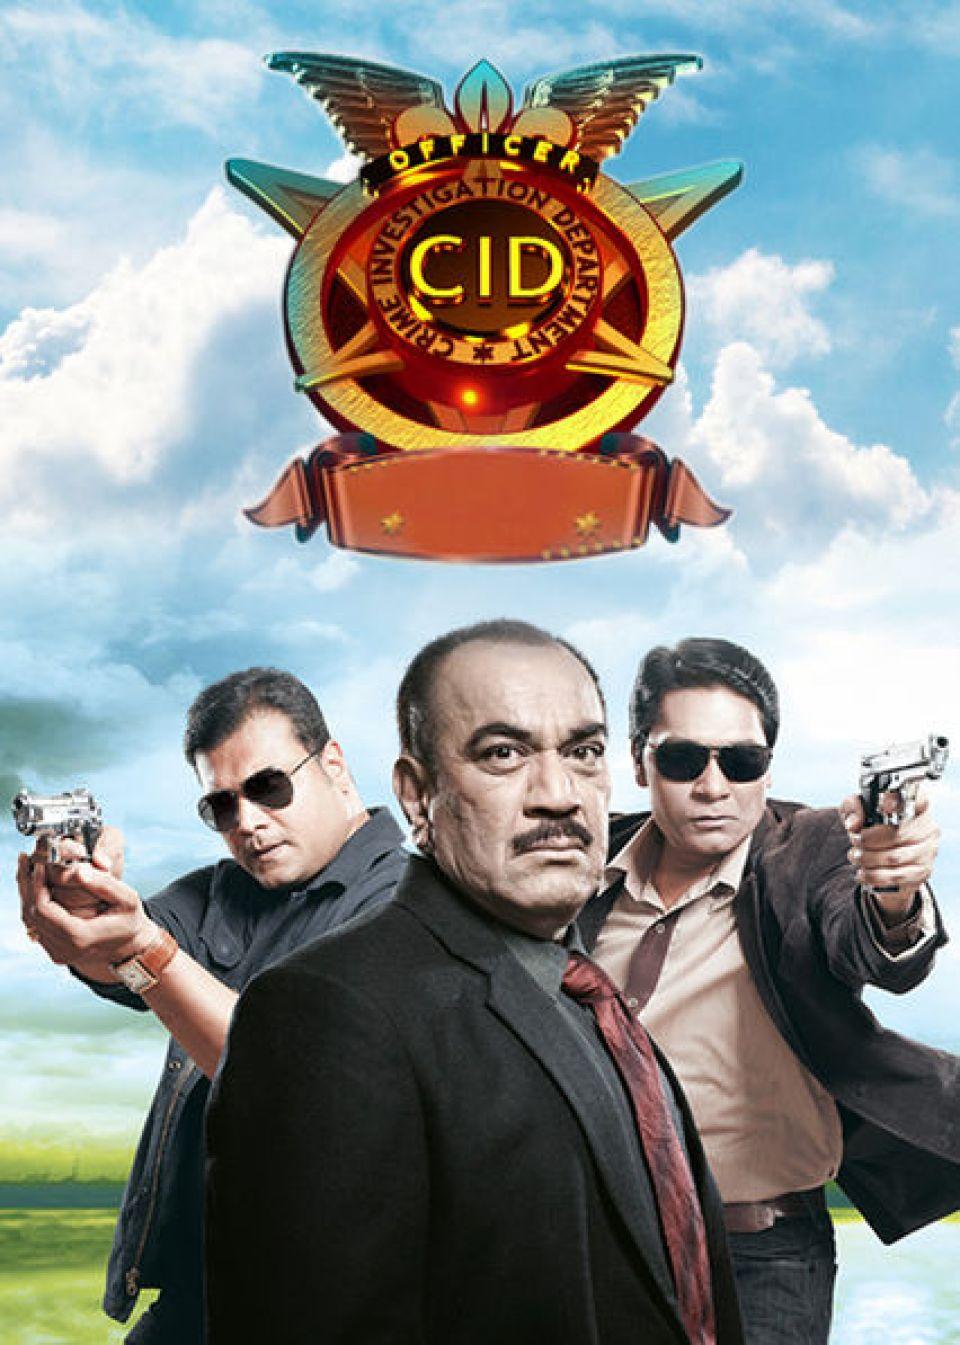 टीवी शो 'सीआईडी' (Cid) के 'इंस्पेक्टर दया ' यानी कि 'दयानंद शेट्टी' एक एपिसोड के लेते हैं इतने रुपए